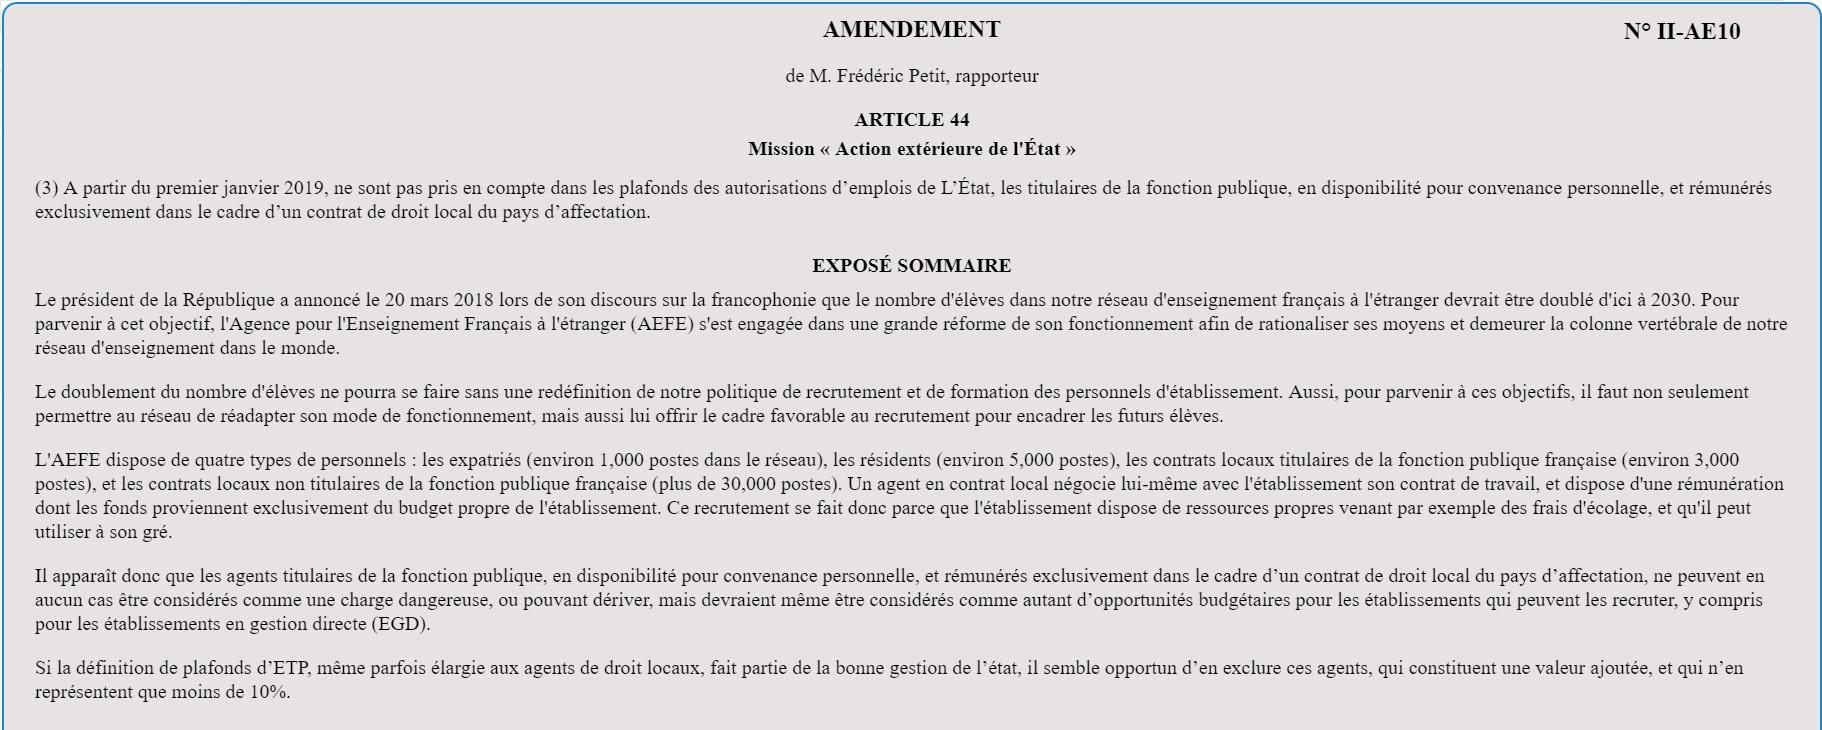 Projet De Loi De Finances 2019 Mon Amendement Adopte A L Unanimite